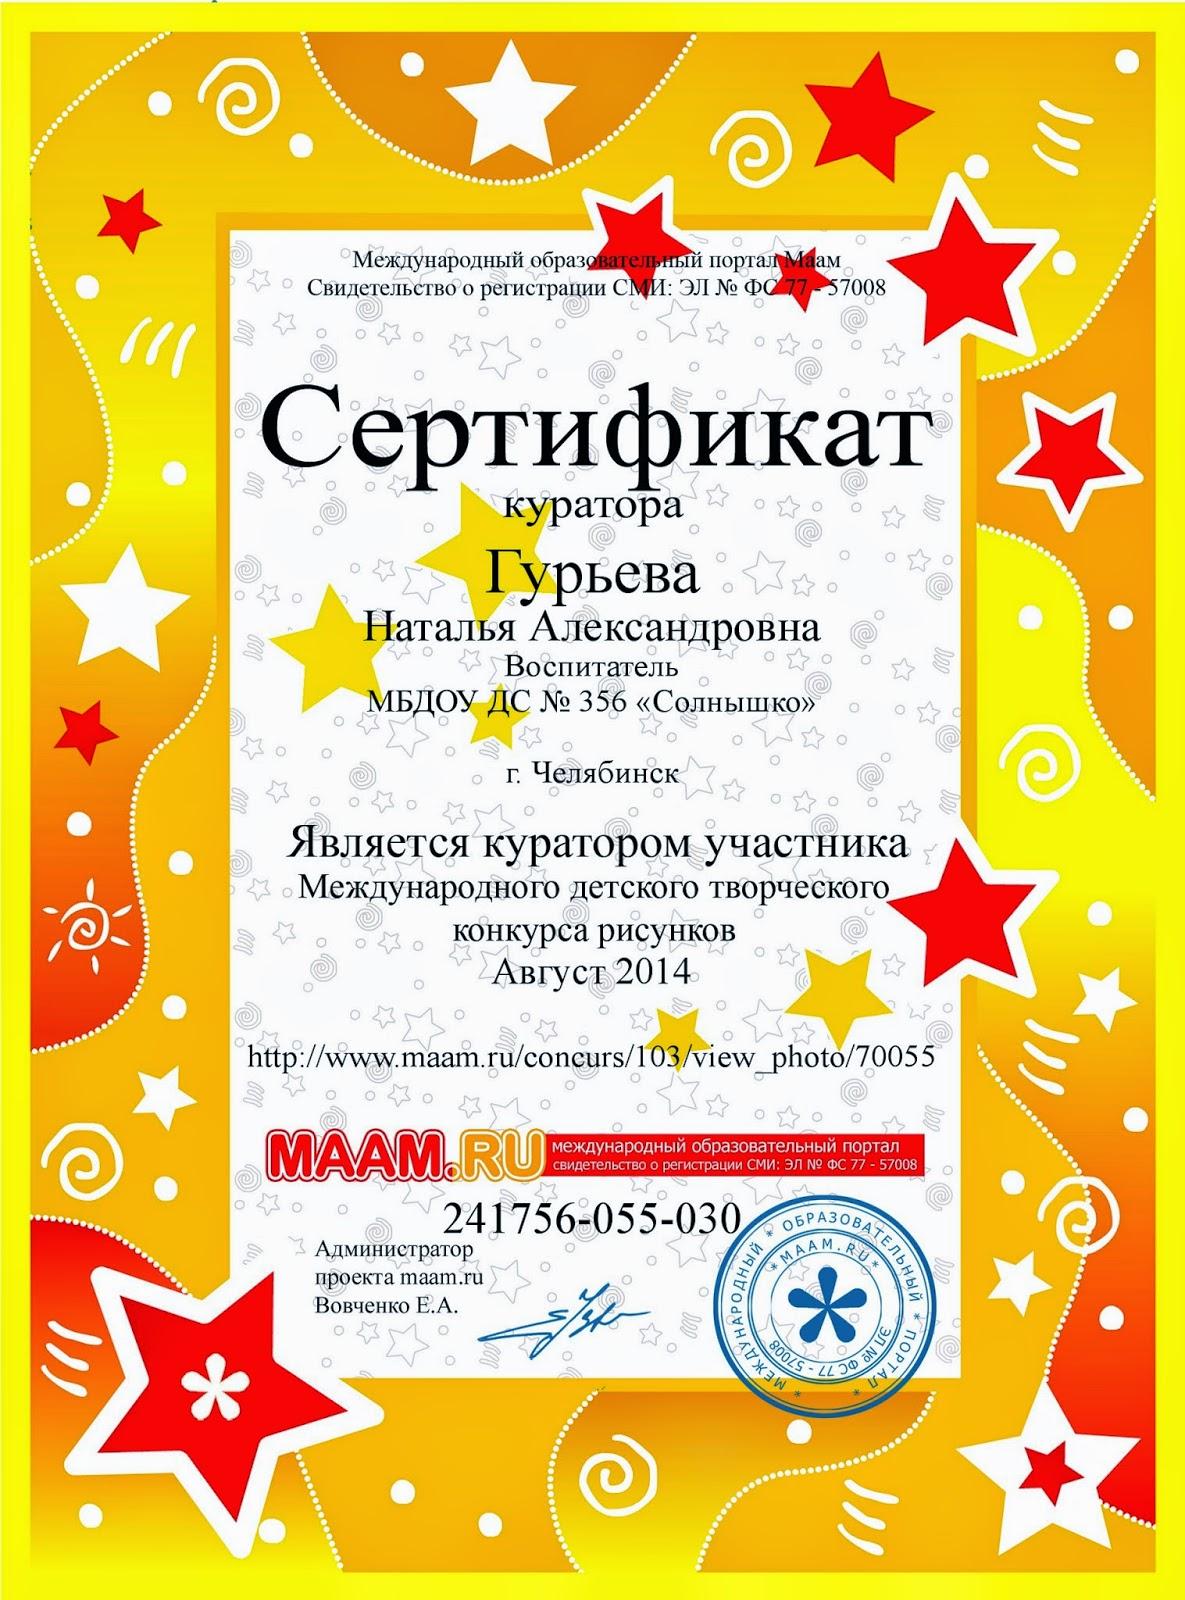 Объявление о конкурсе по отбору кандидатов на